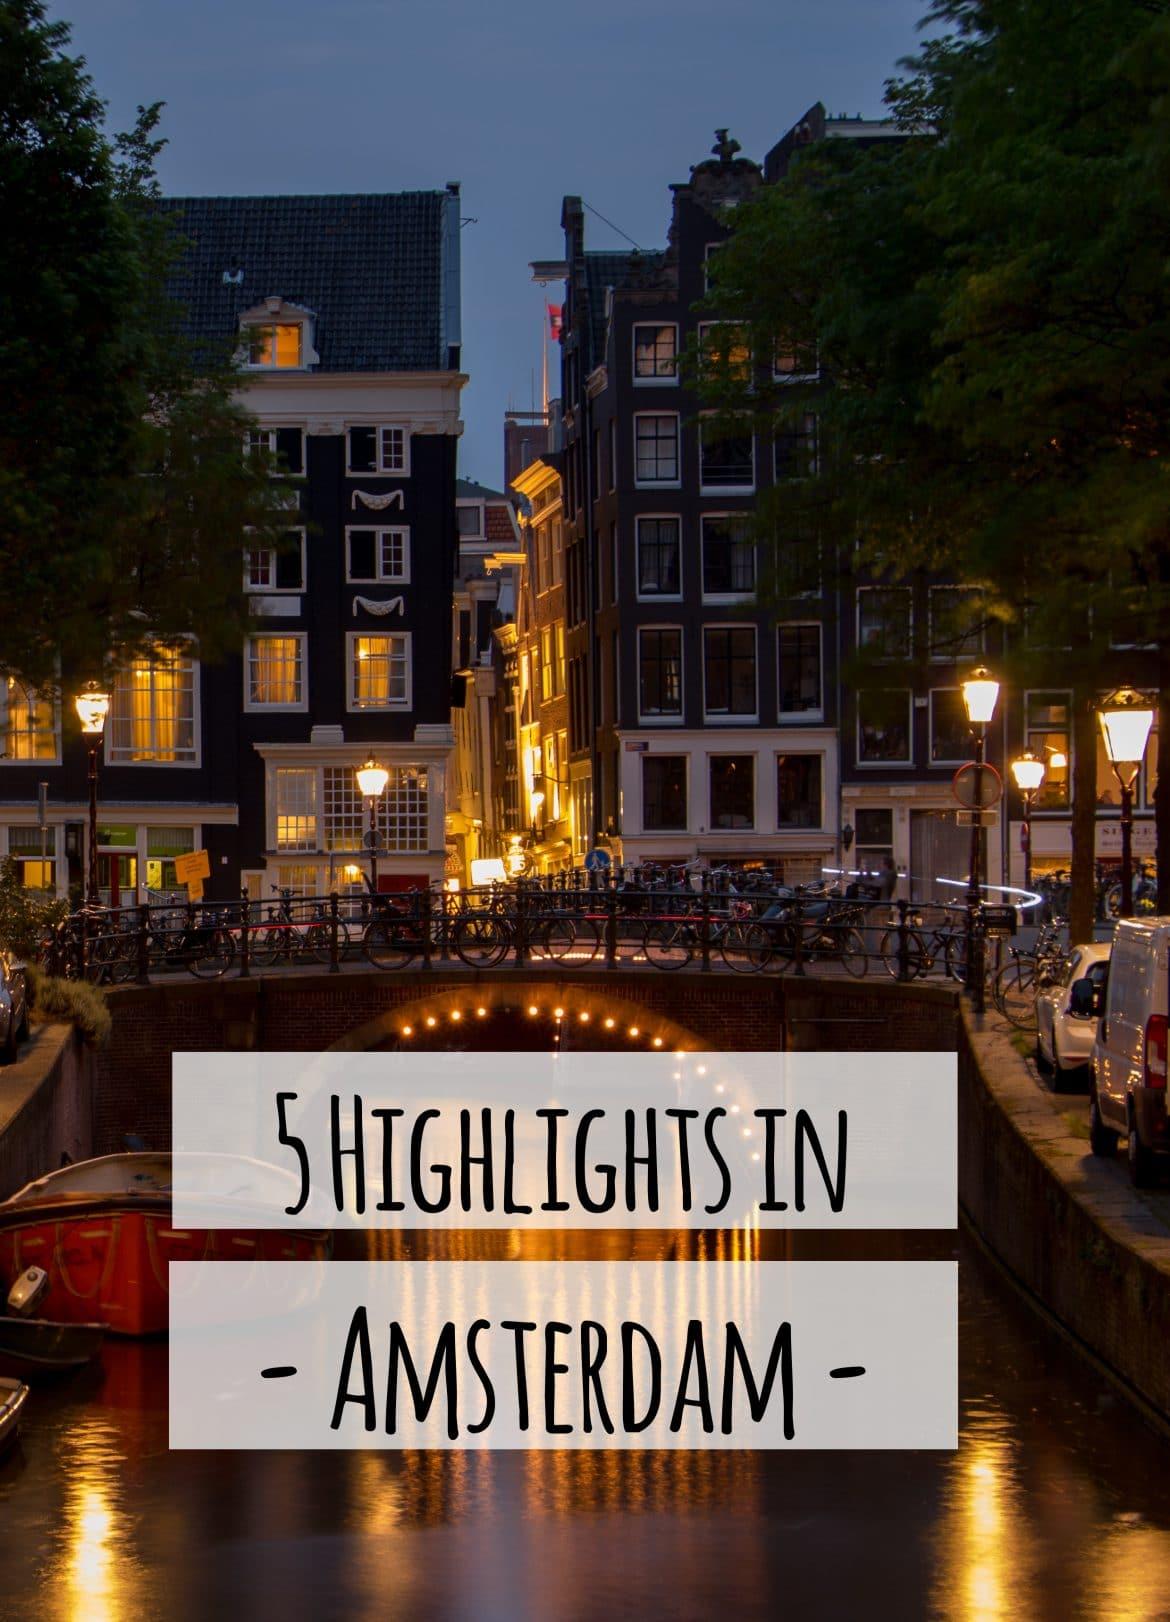 PASSENGER X verrät dir ihre 5 Top Highlights in Amsterdam